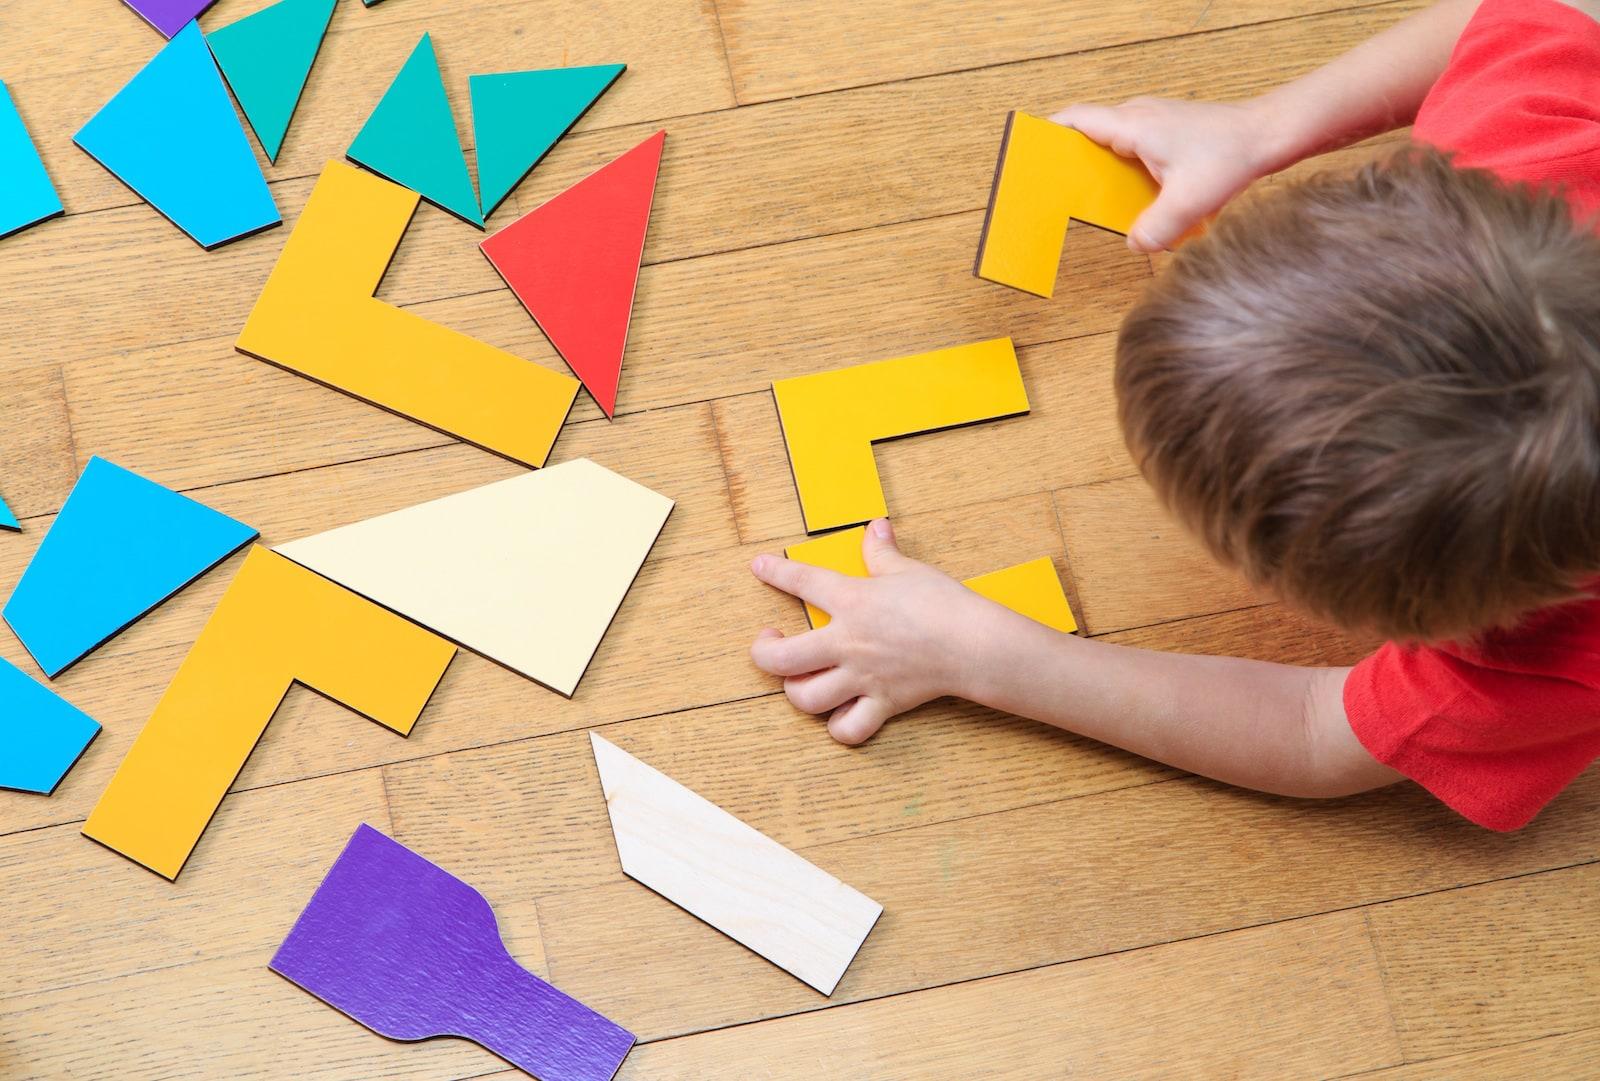 A fost descoperit de ce baietii se pricep mai bine la matematica. Puzzle-uri – rol esential